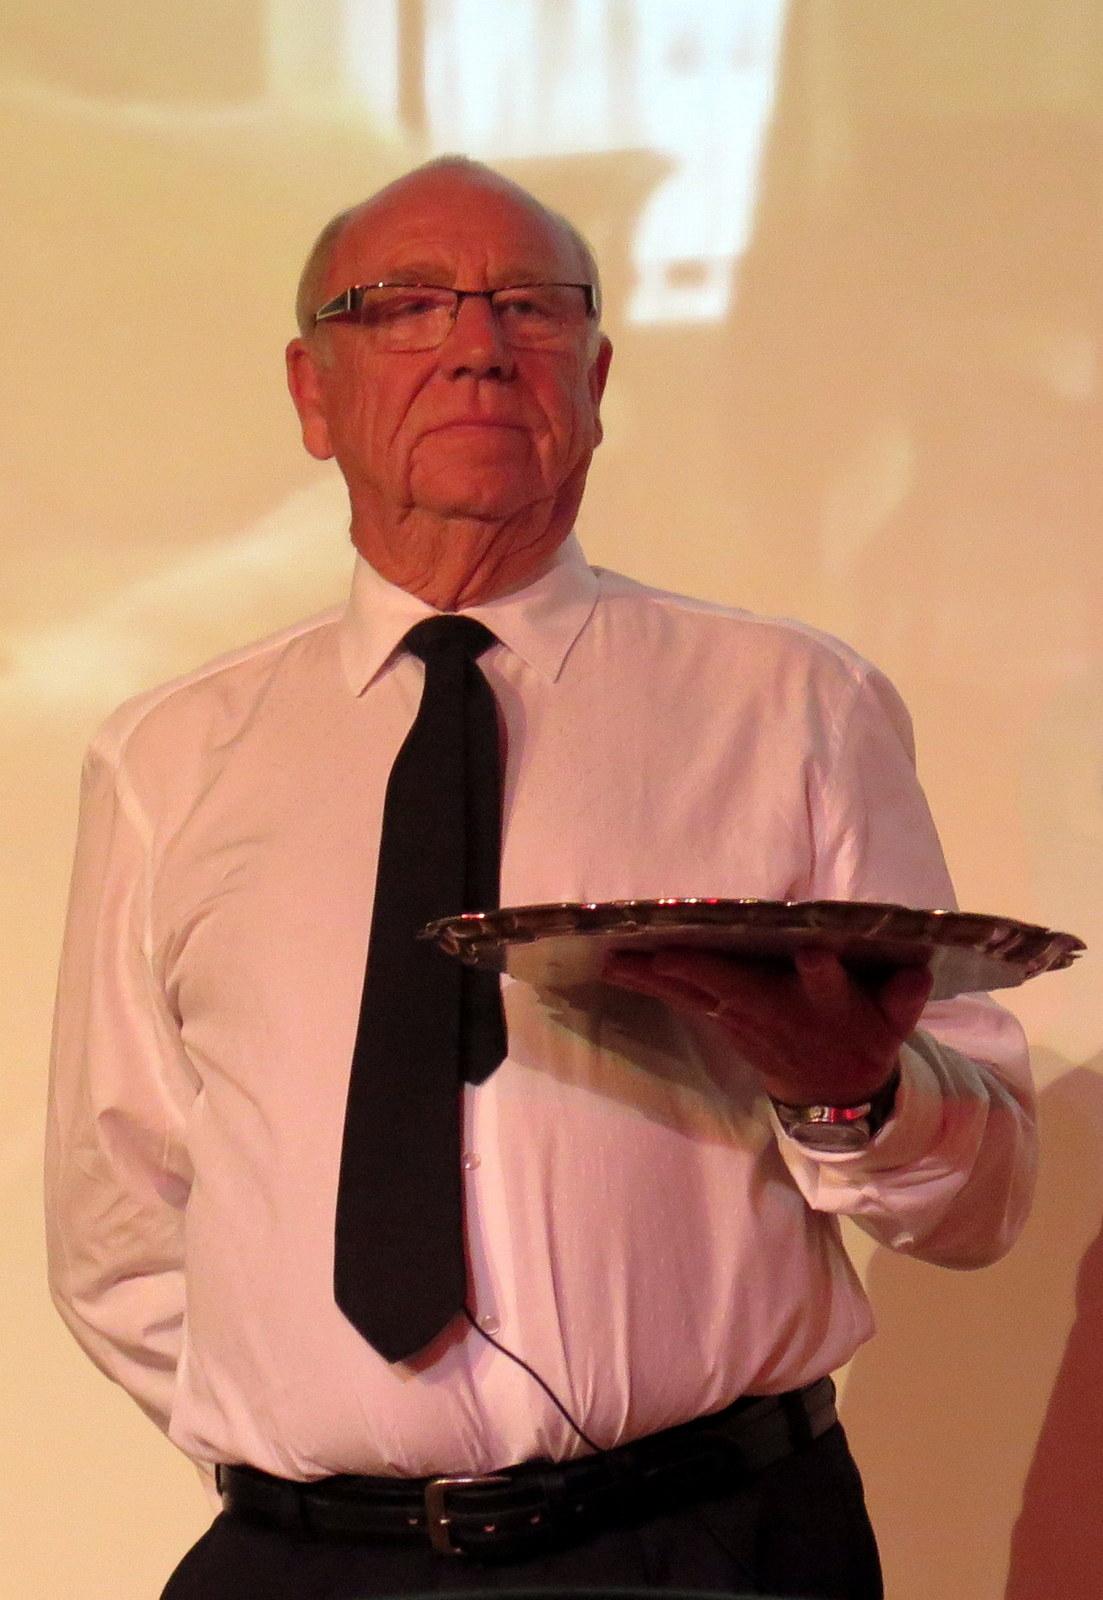 11-John with tray